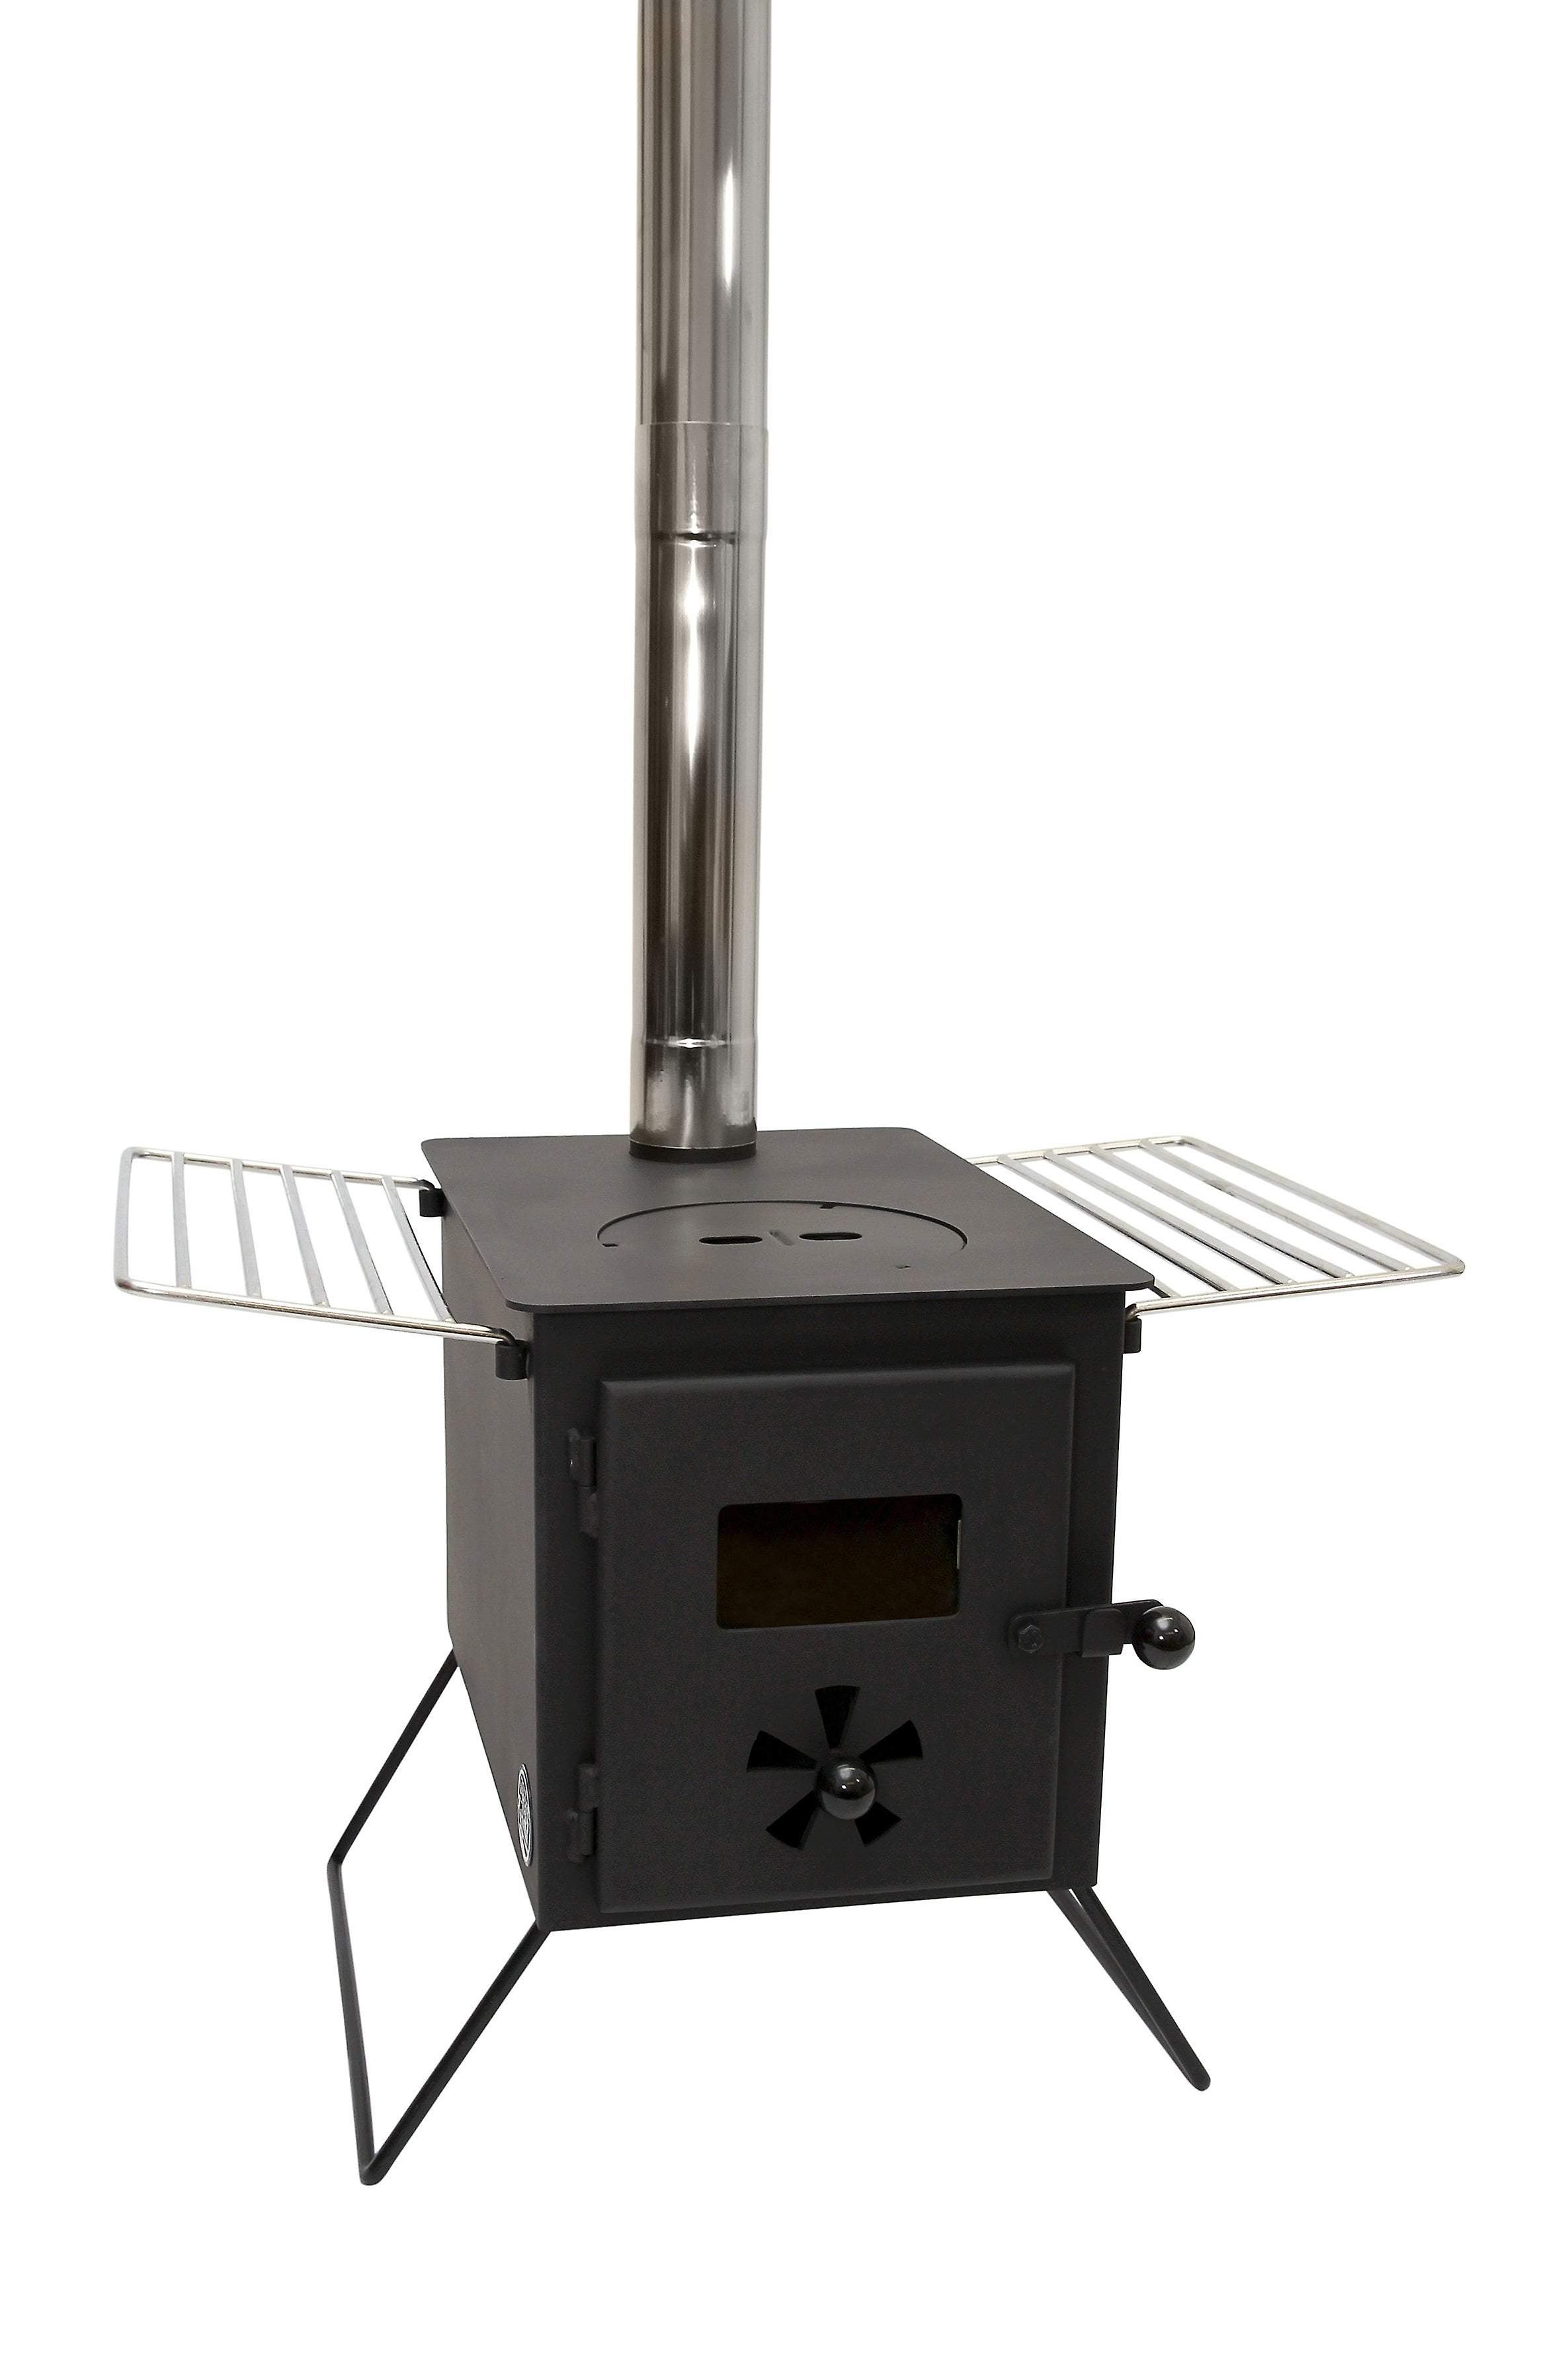 Outbacker® Firebox - Robens Tipi Kit